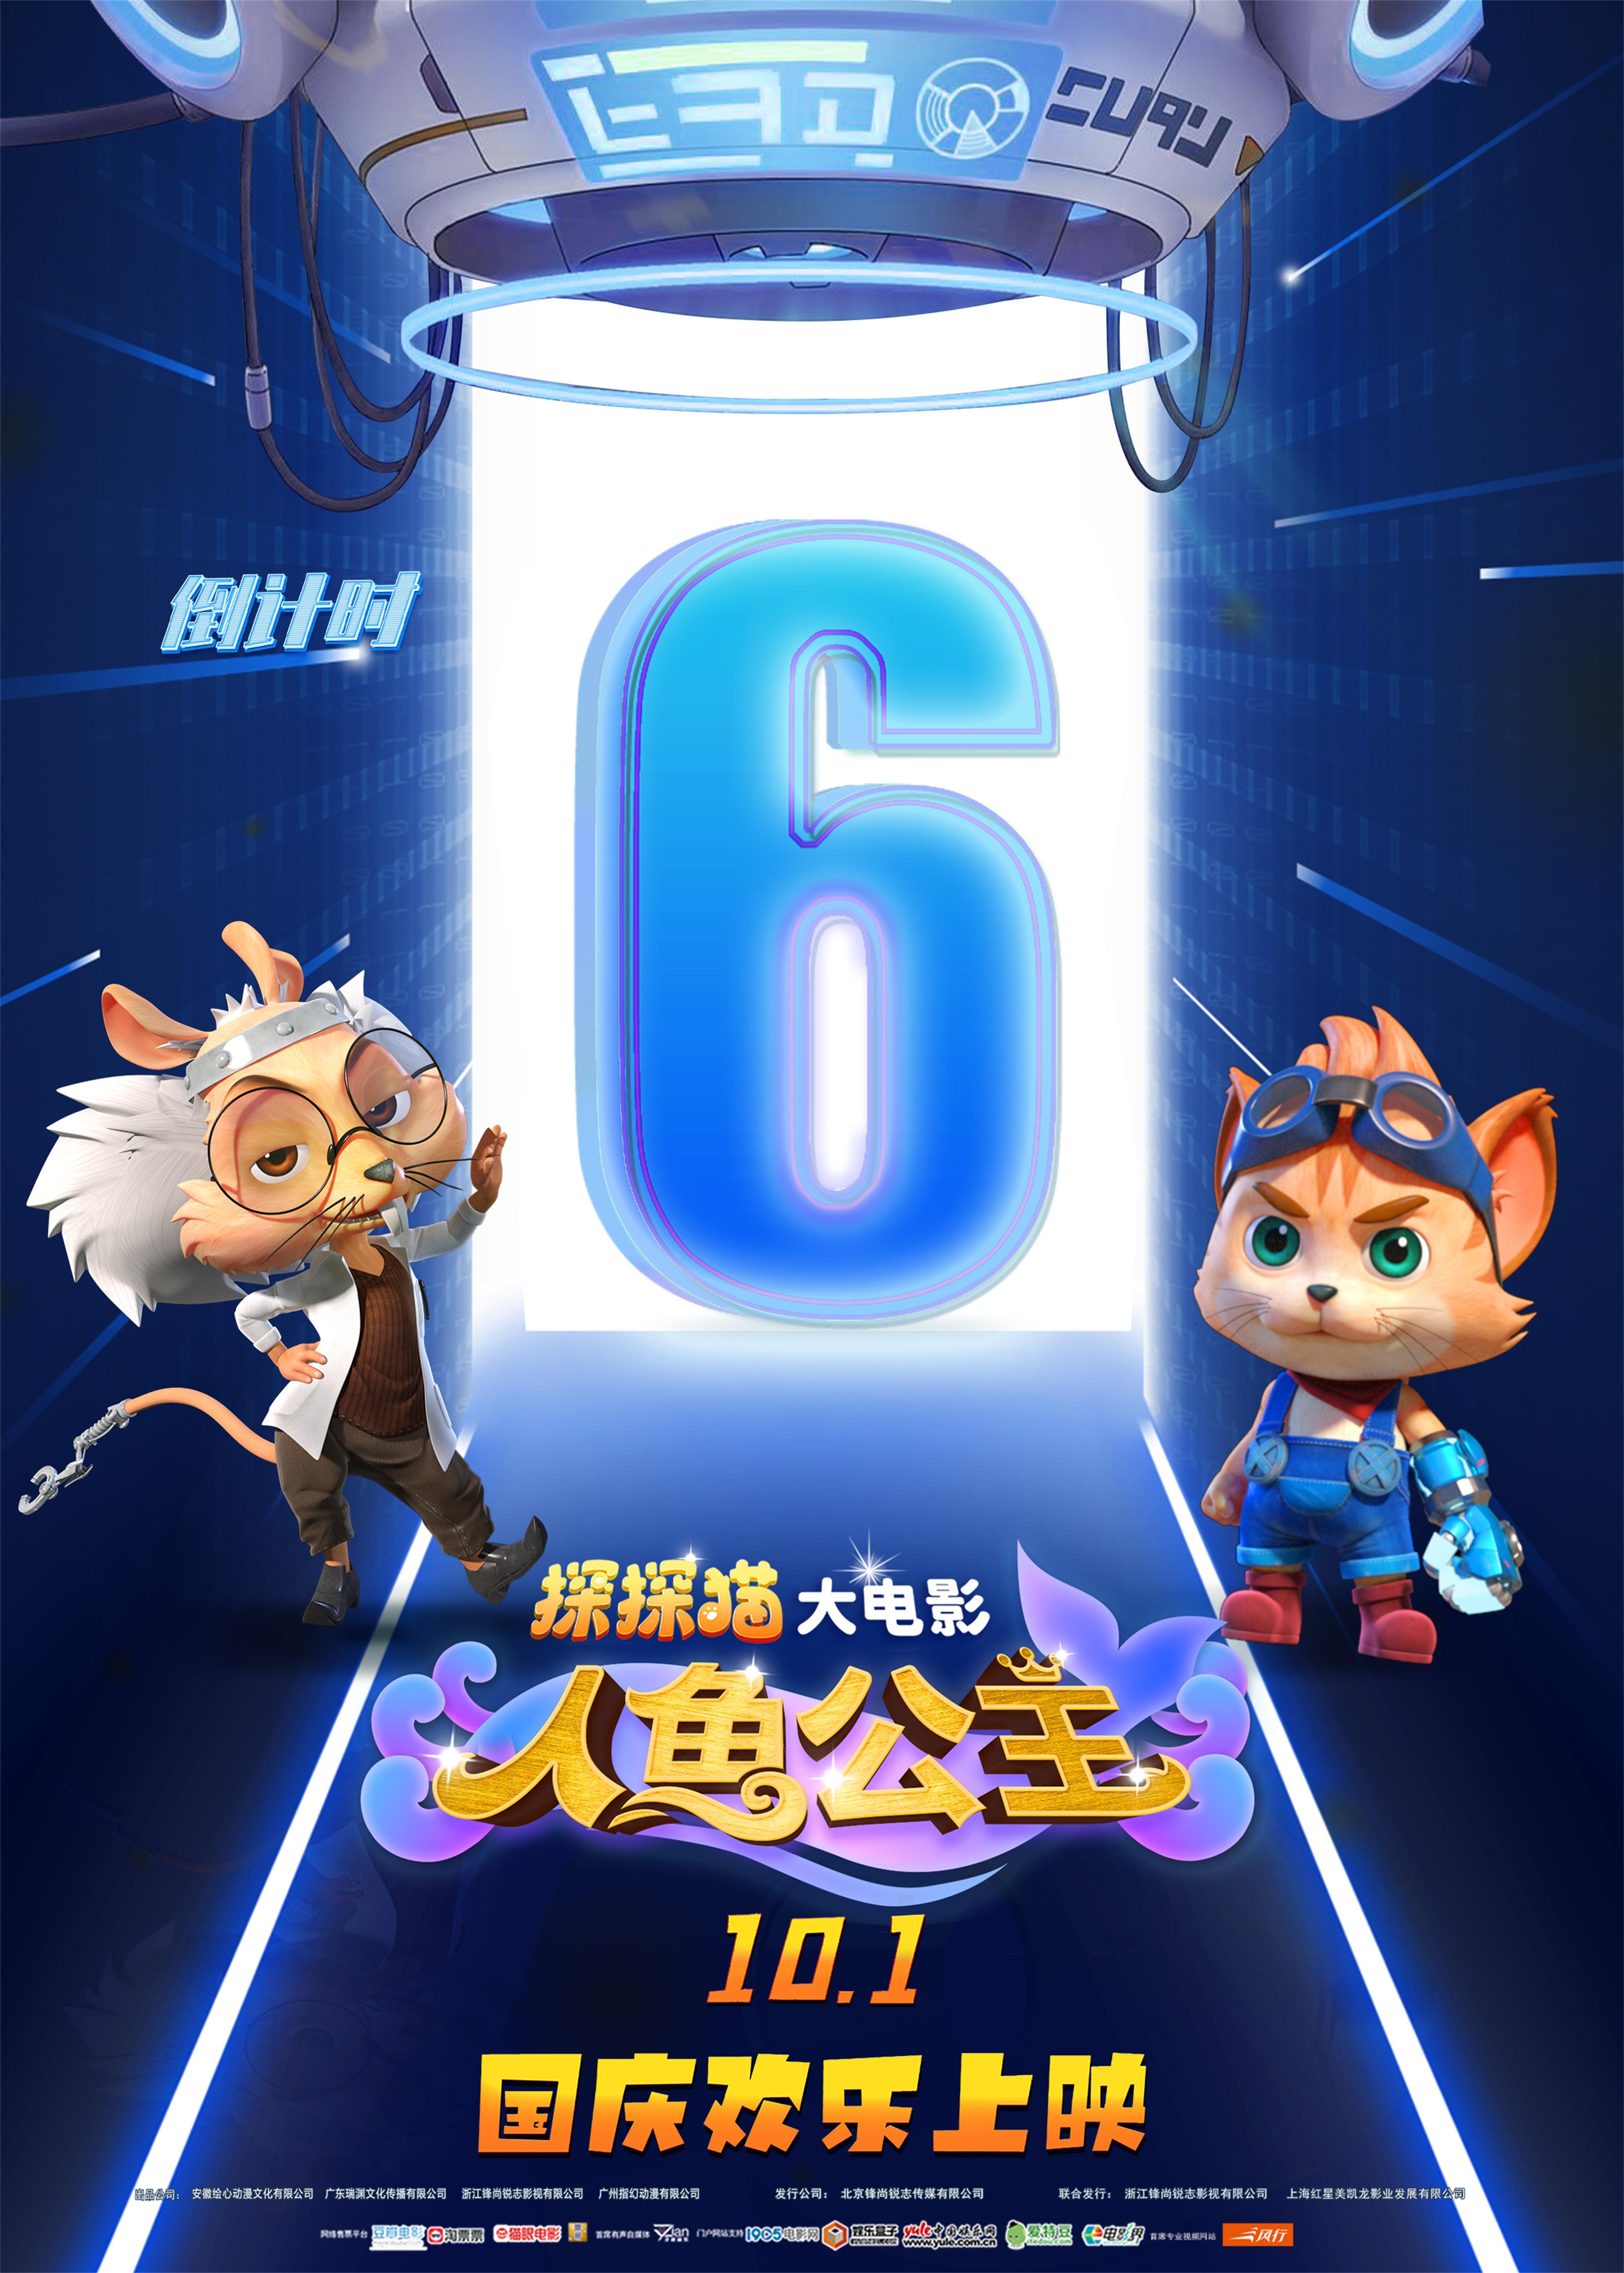 上映倒计时6天!超人气动画电影《探探猫人鱼公主》